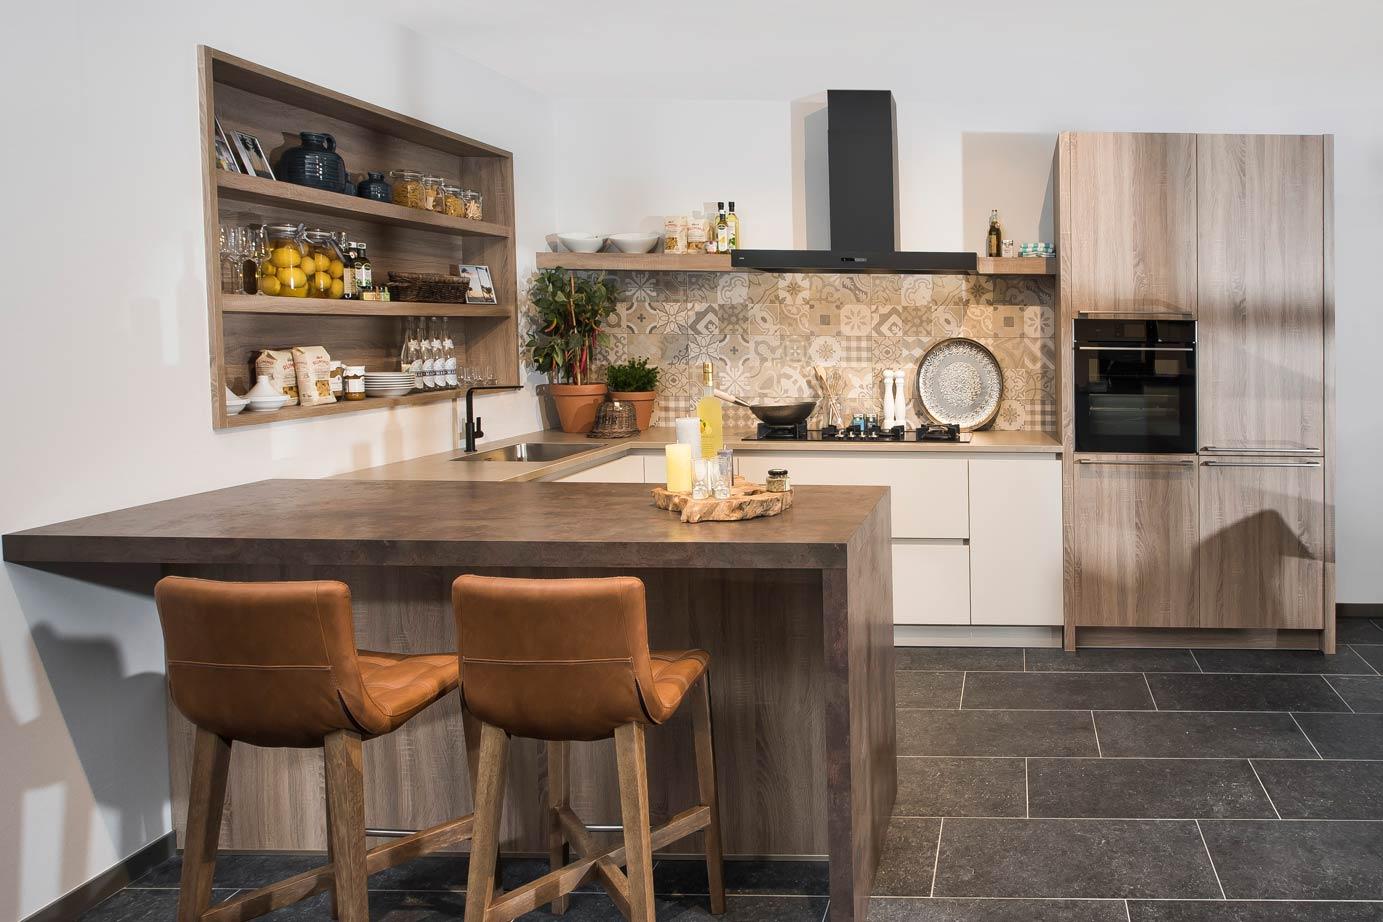 Bar In Keuken : Rechte keuken met bar